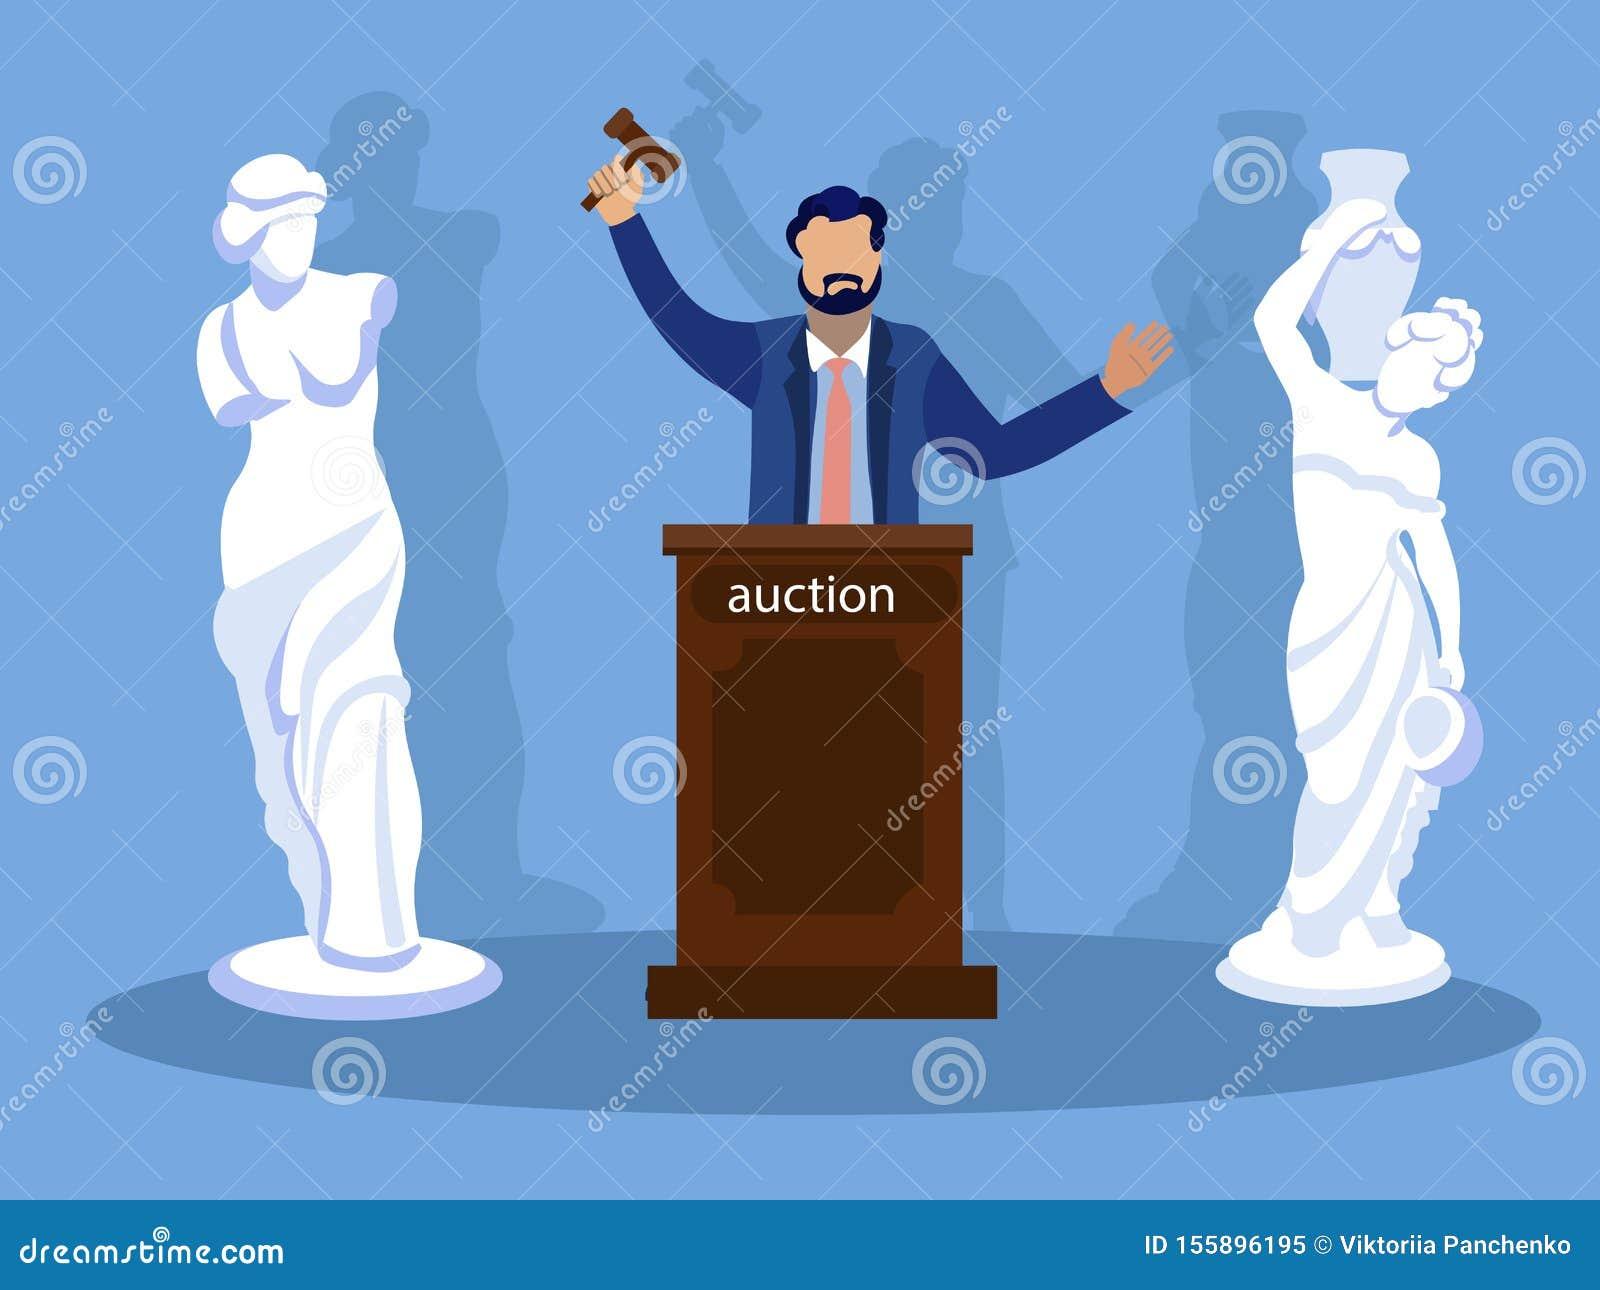 Sculpture Auction, winner. In minimalist style. Cartoon flat vector